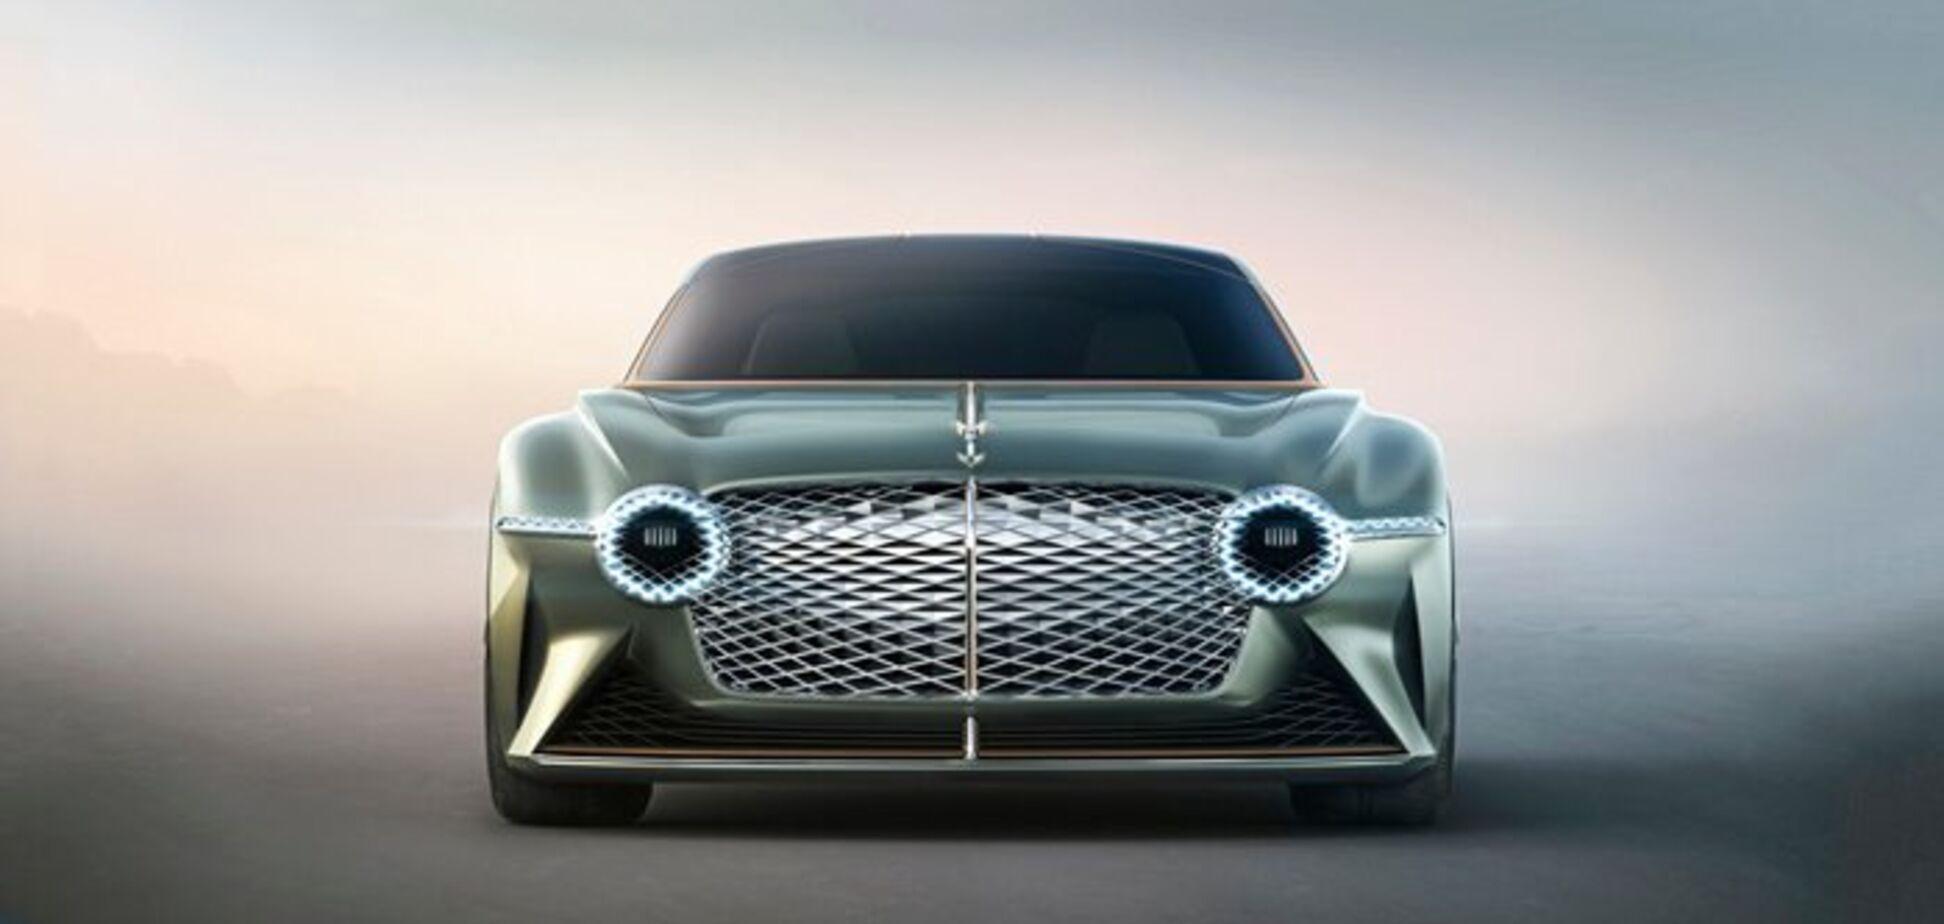 Bentley рассказала о создании люксового электромобиля: что известно